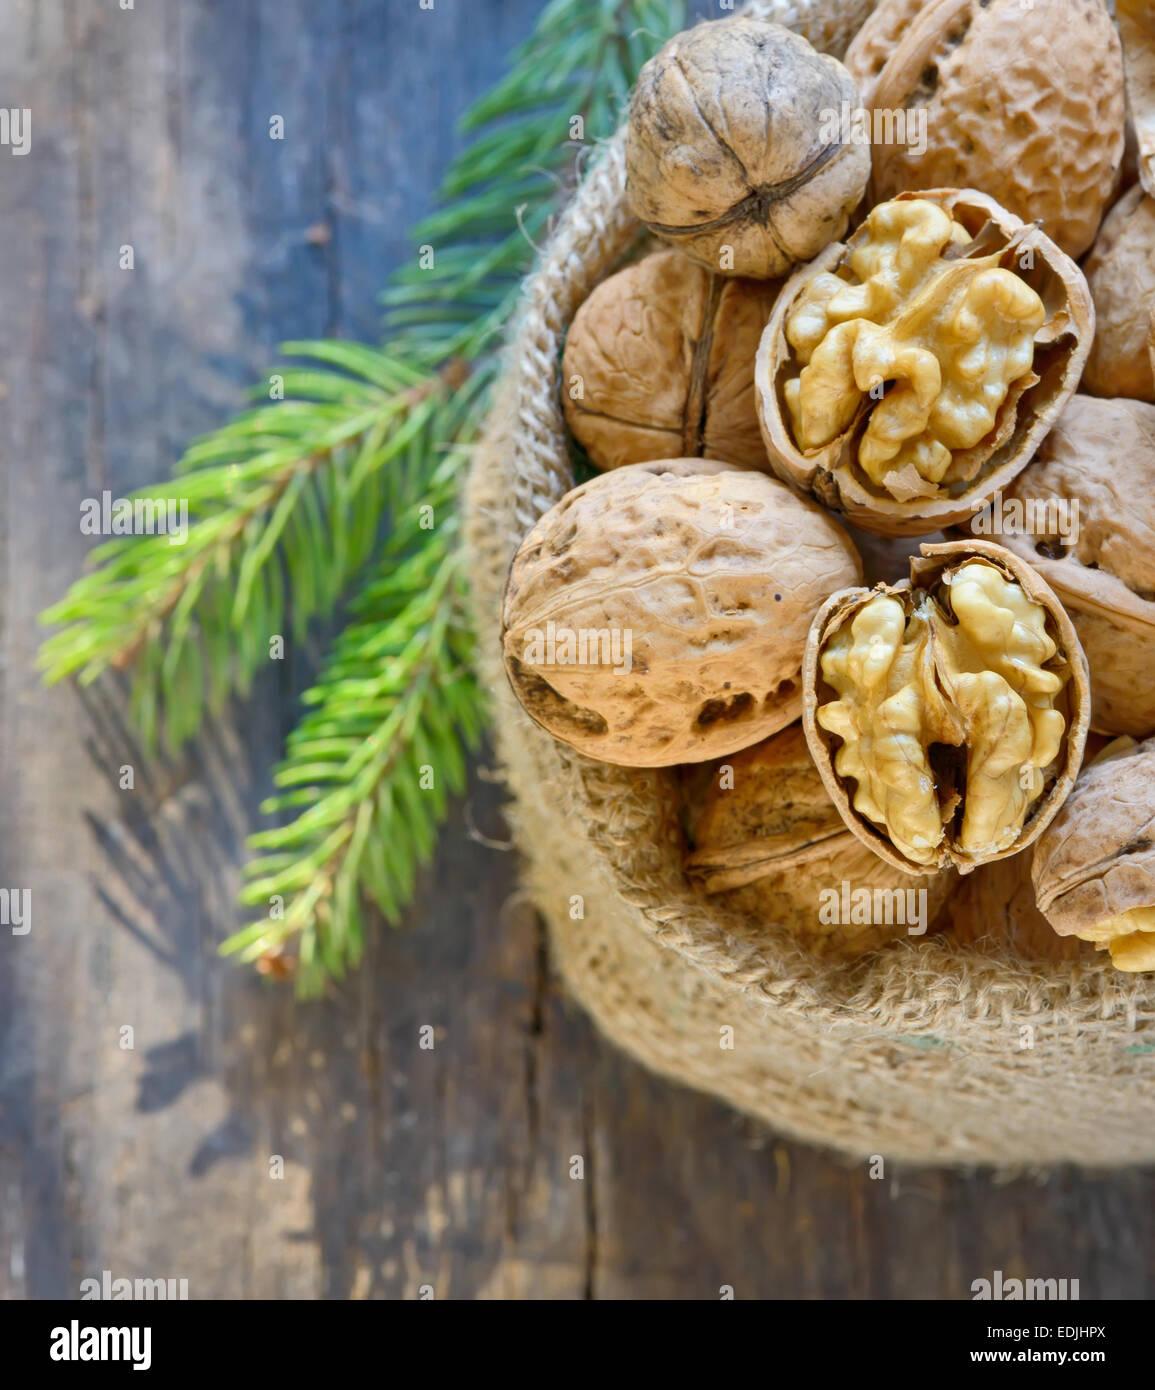 Décoration de Noël avec des noix séchées dans un sac et des brindilles de pin Photo Stock